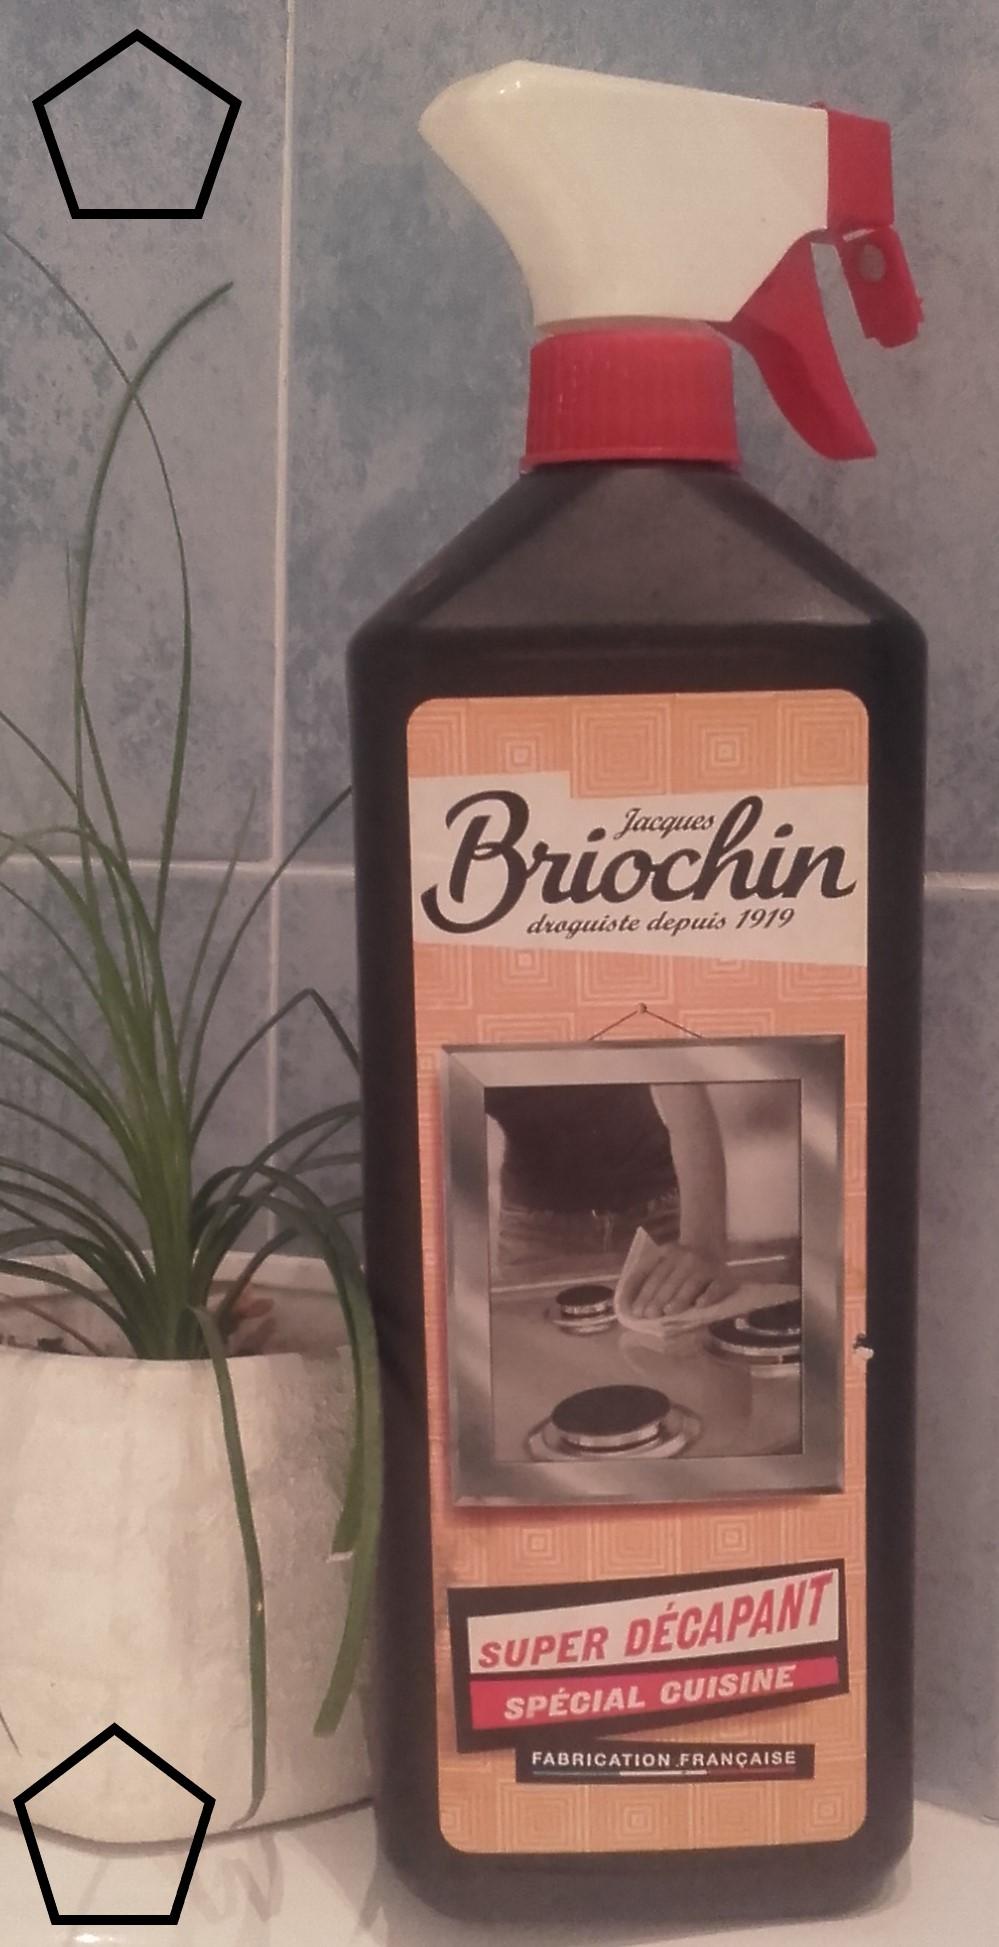 J'ai testé pour vous bRIOCHIN - Nettoyant pour cuisine super décapant